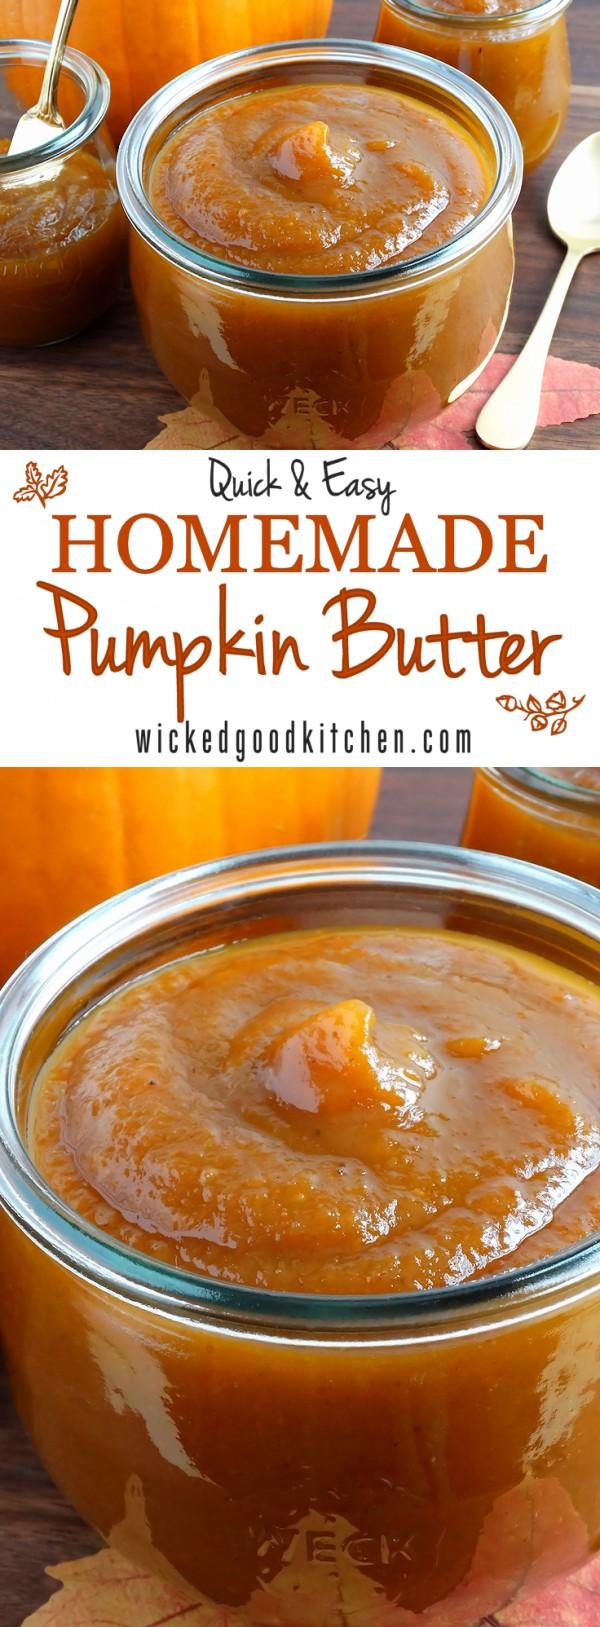 Get the recipe Homemade Pumpkin Butter @recipes_to_go